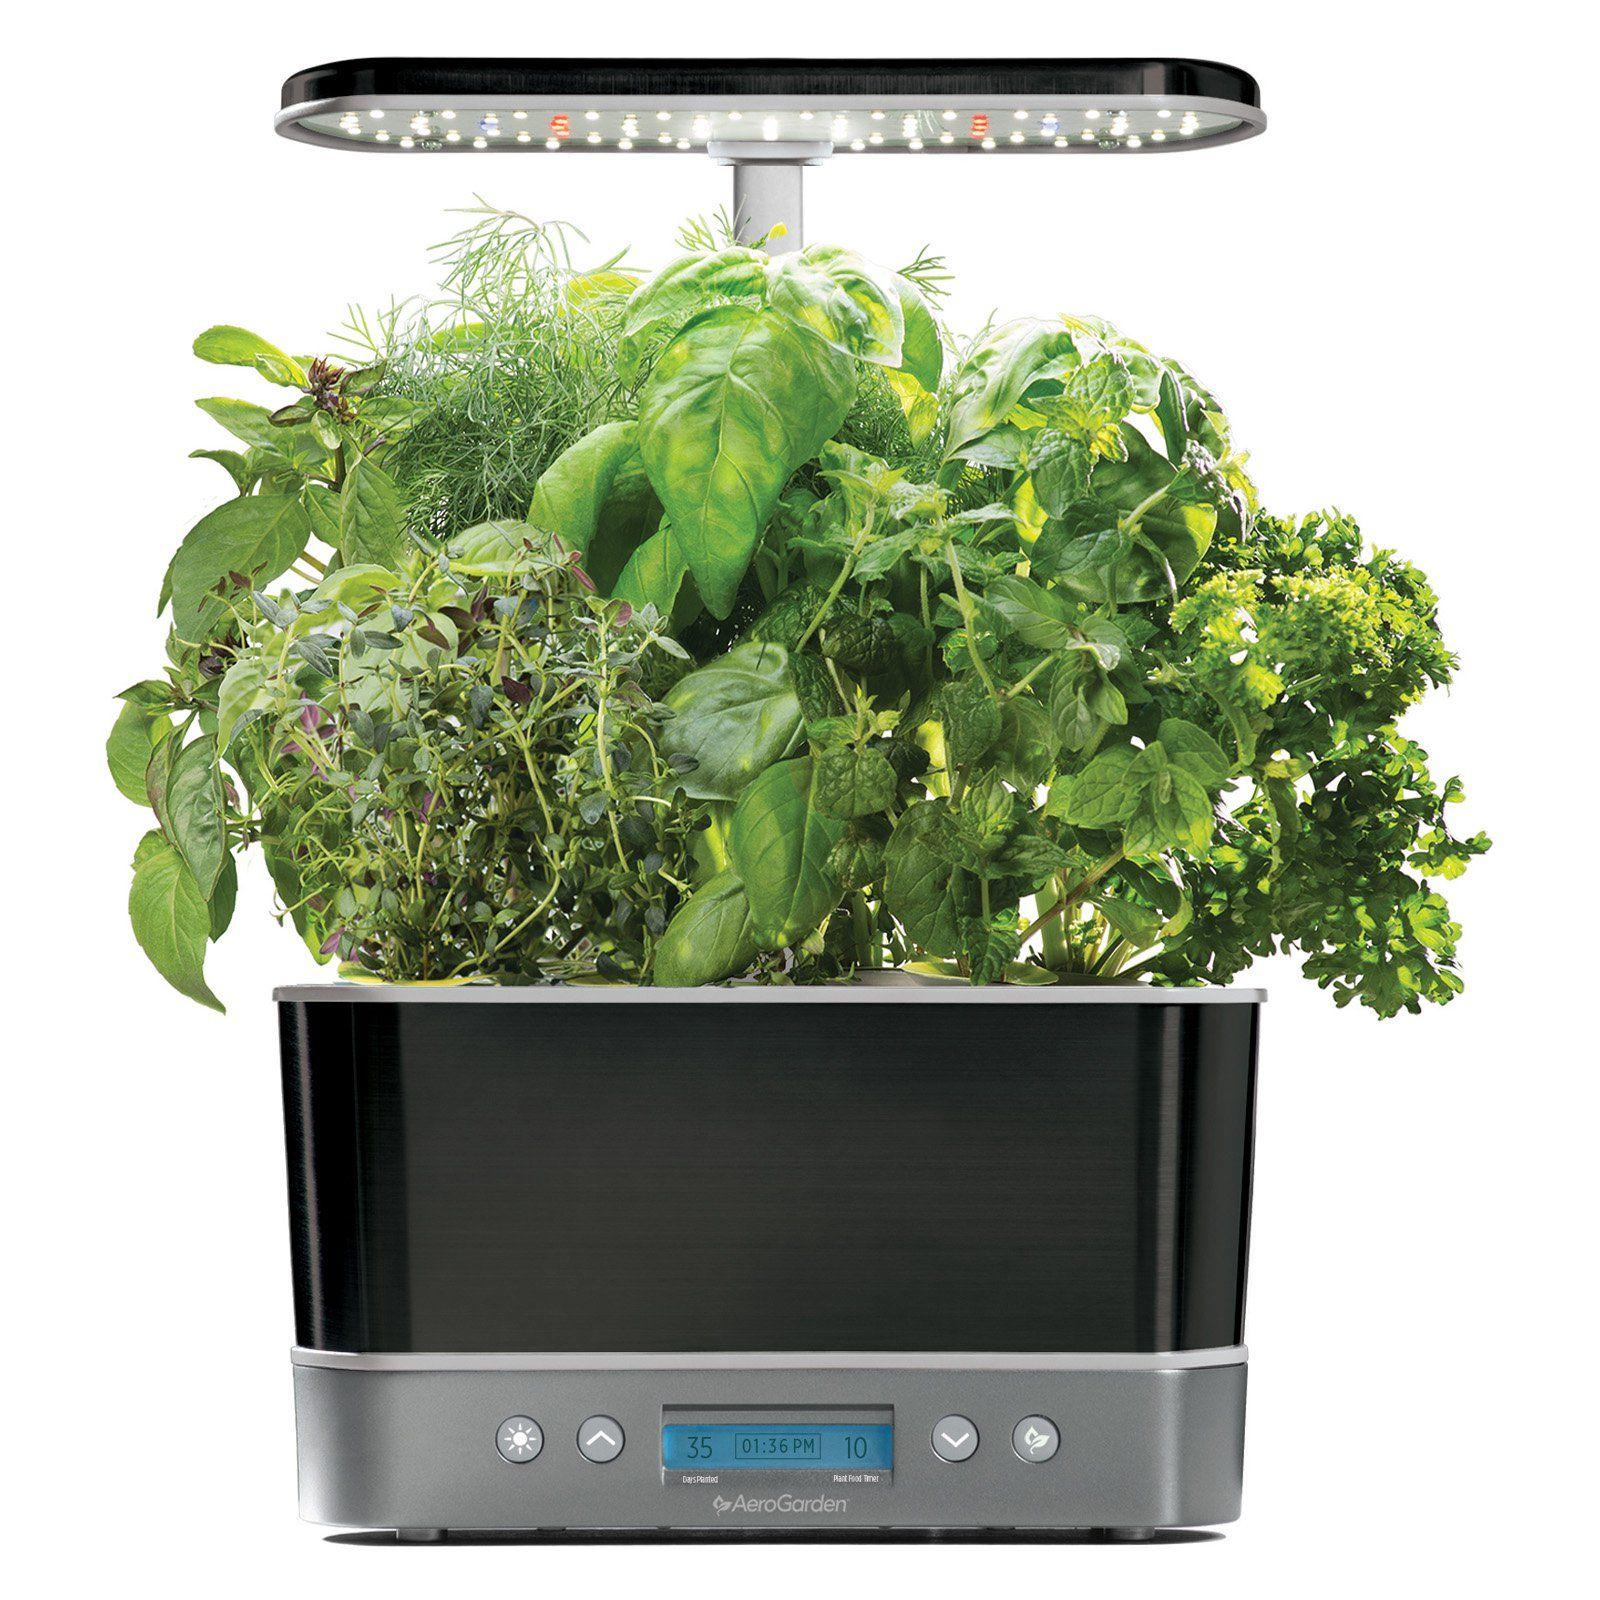 Aerogarden Harvest Elite Hydroponic Garden System Platinum 400 x 300